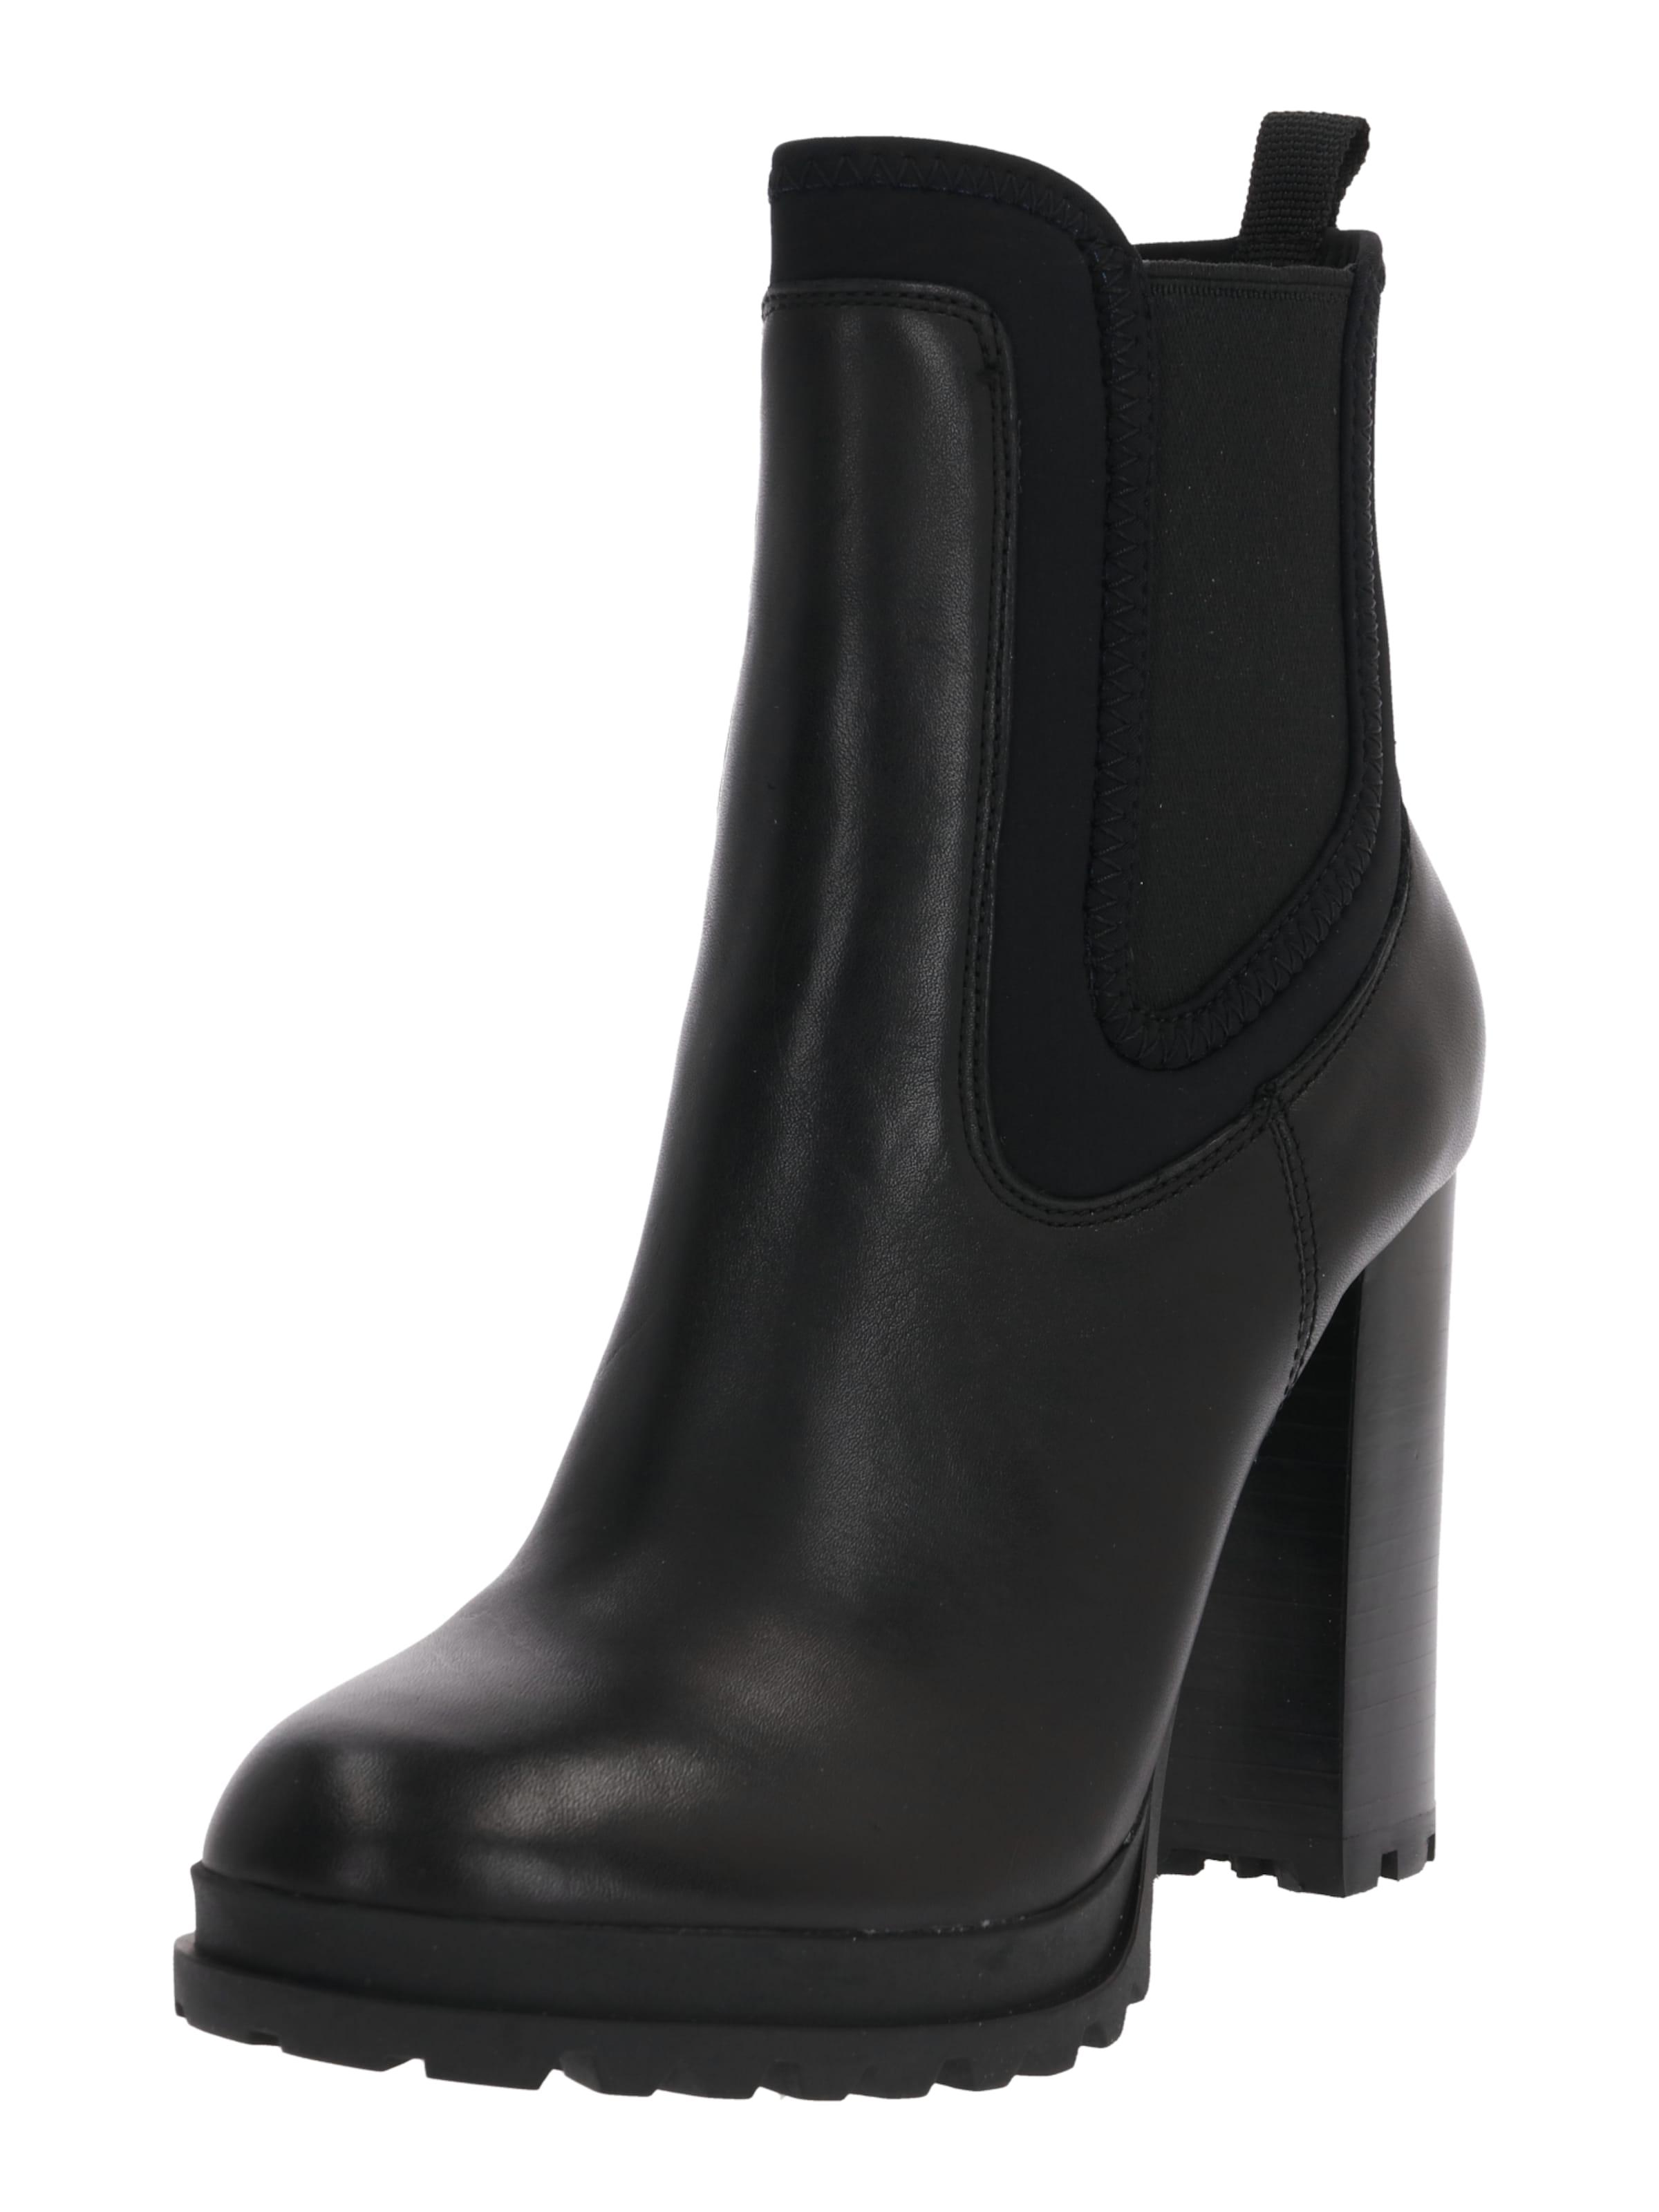 ALDO Stiefelette 'ELRUDIEN' in schwarz